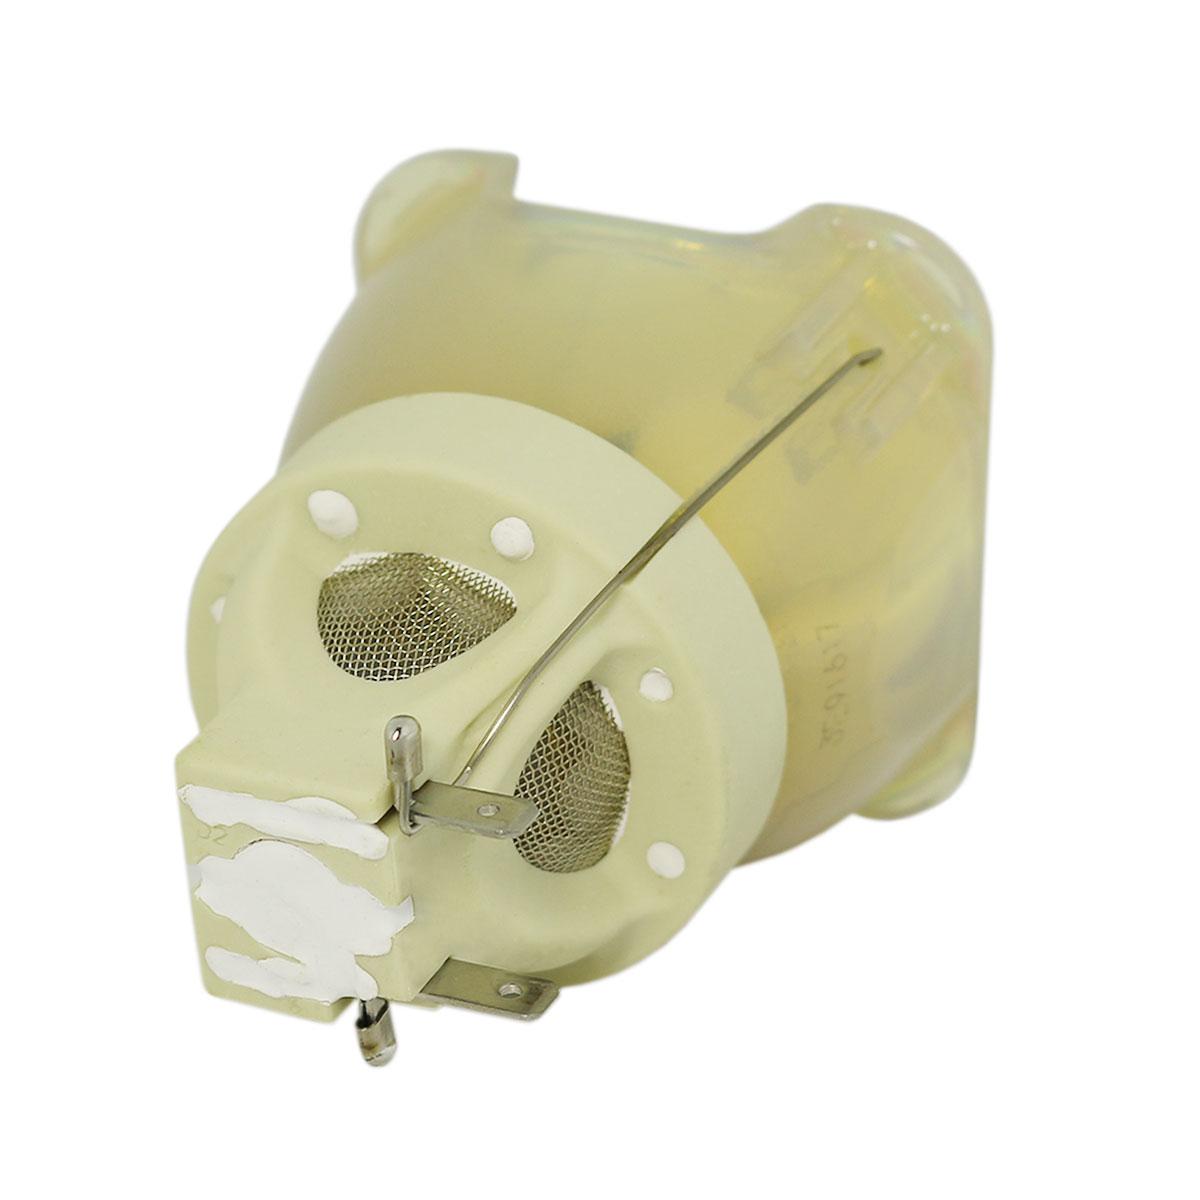 Lutema Platinum lampe pour Optoma WU630 Projecteur (ampoule Philips originale) - image 3 de 5